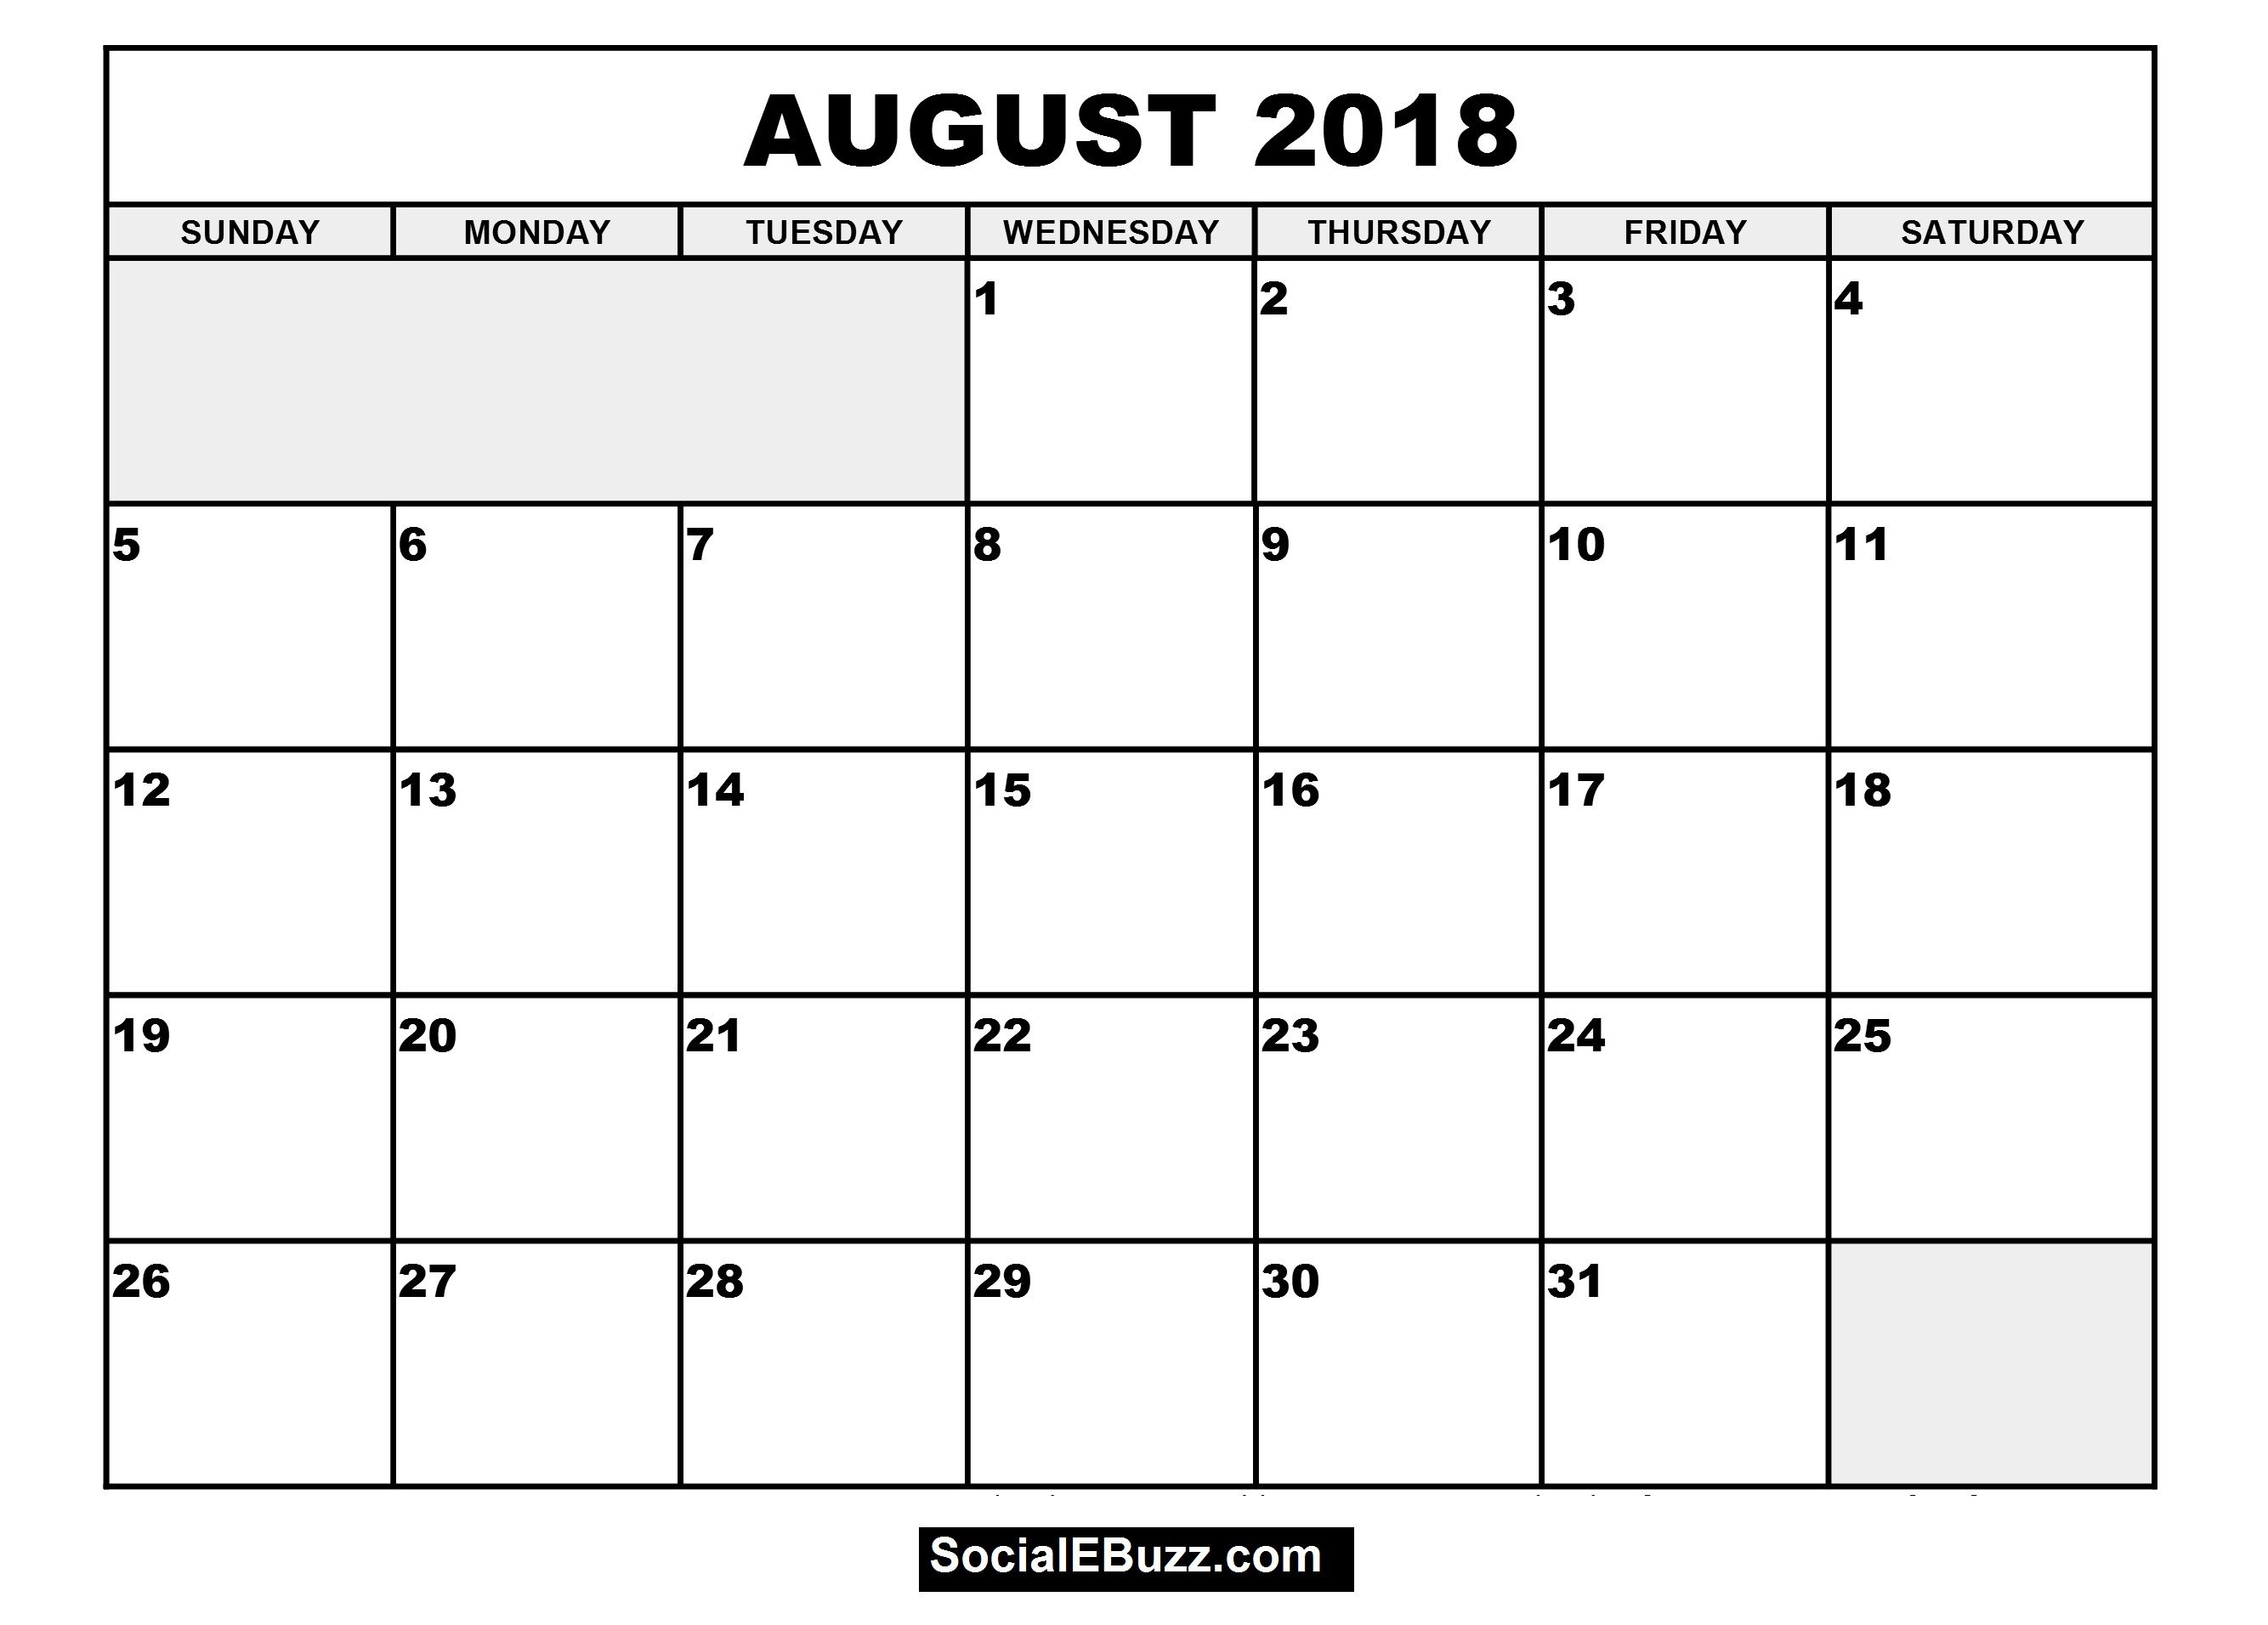 August 2018 Calendar Printable Template | August 2018 Calendar Blank regarding Printable Monthly Calendar Template Aug